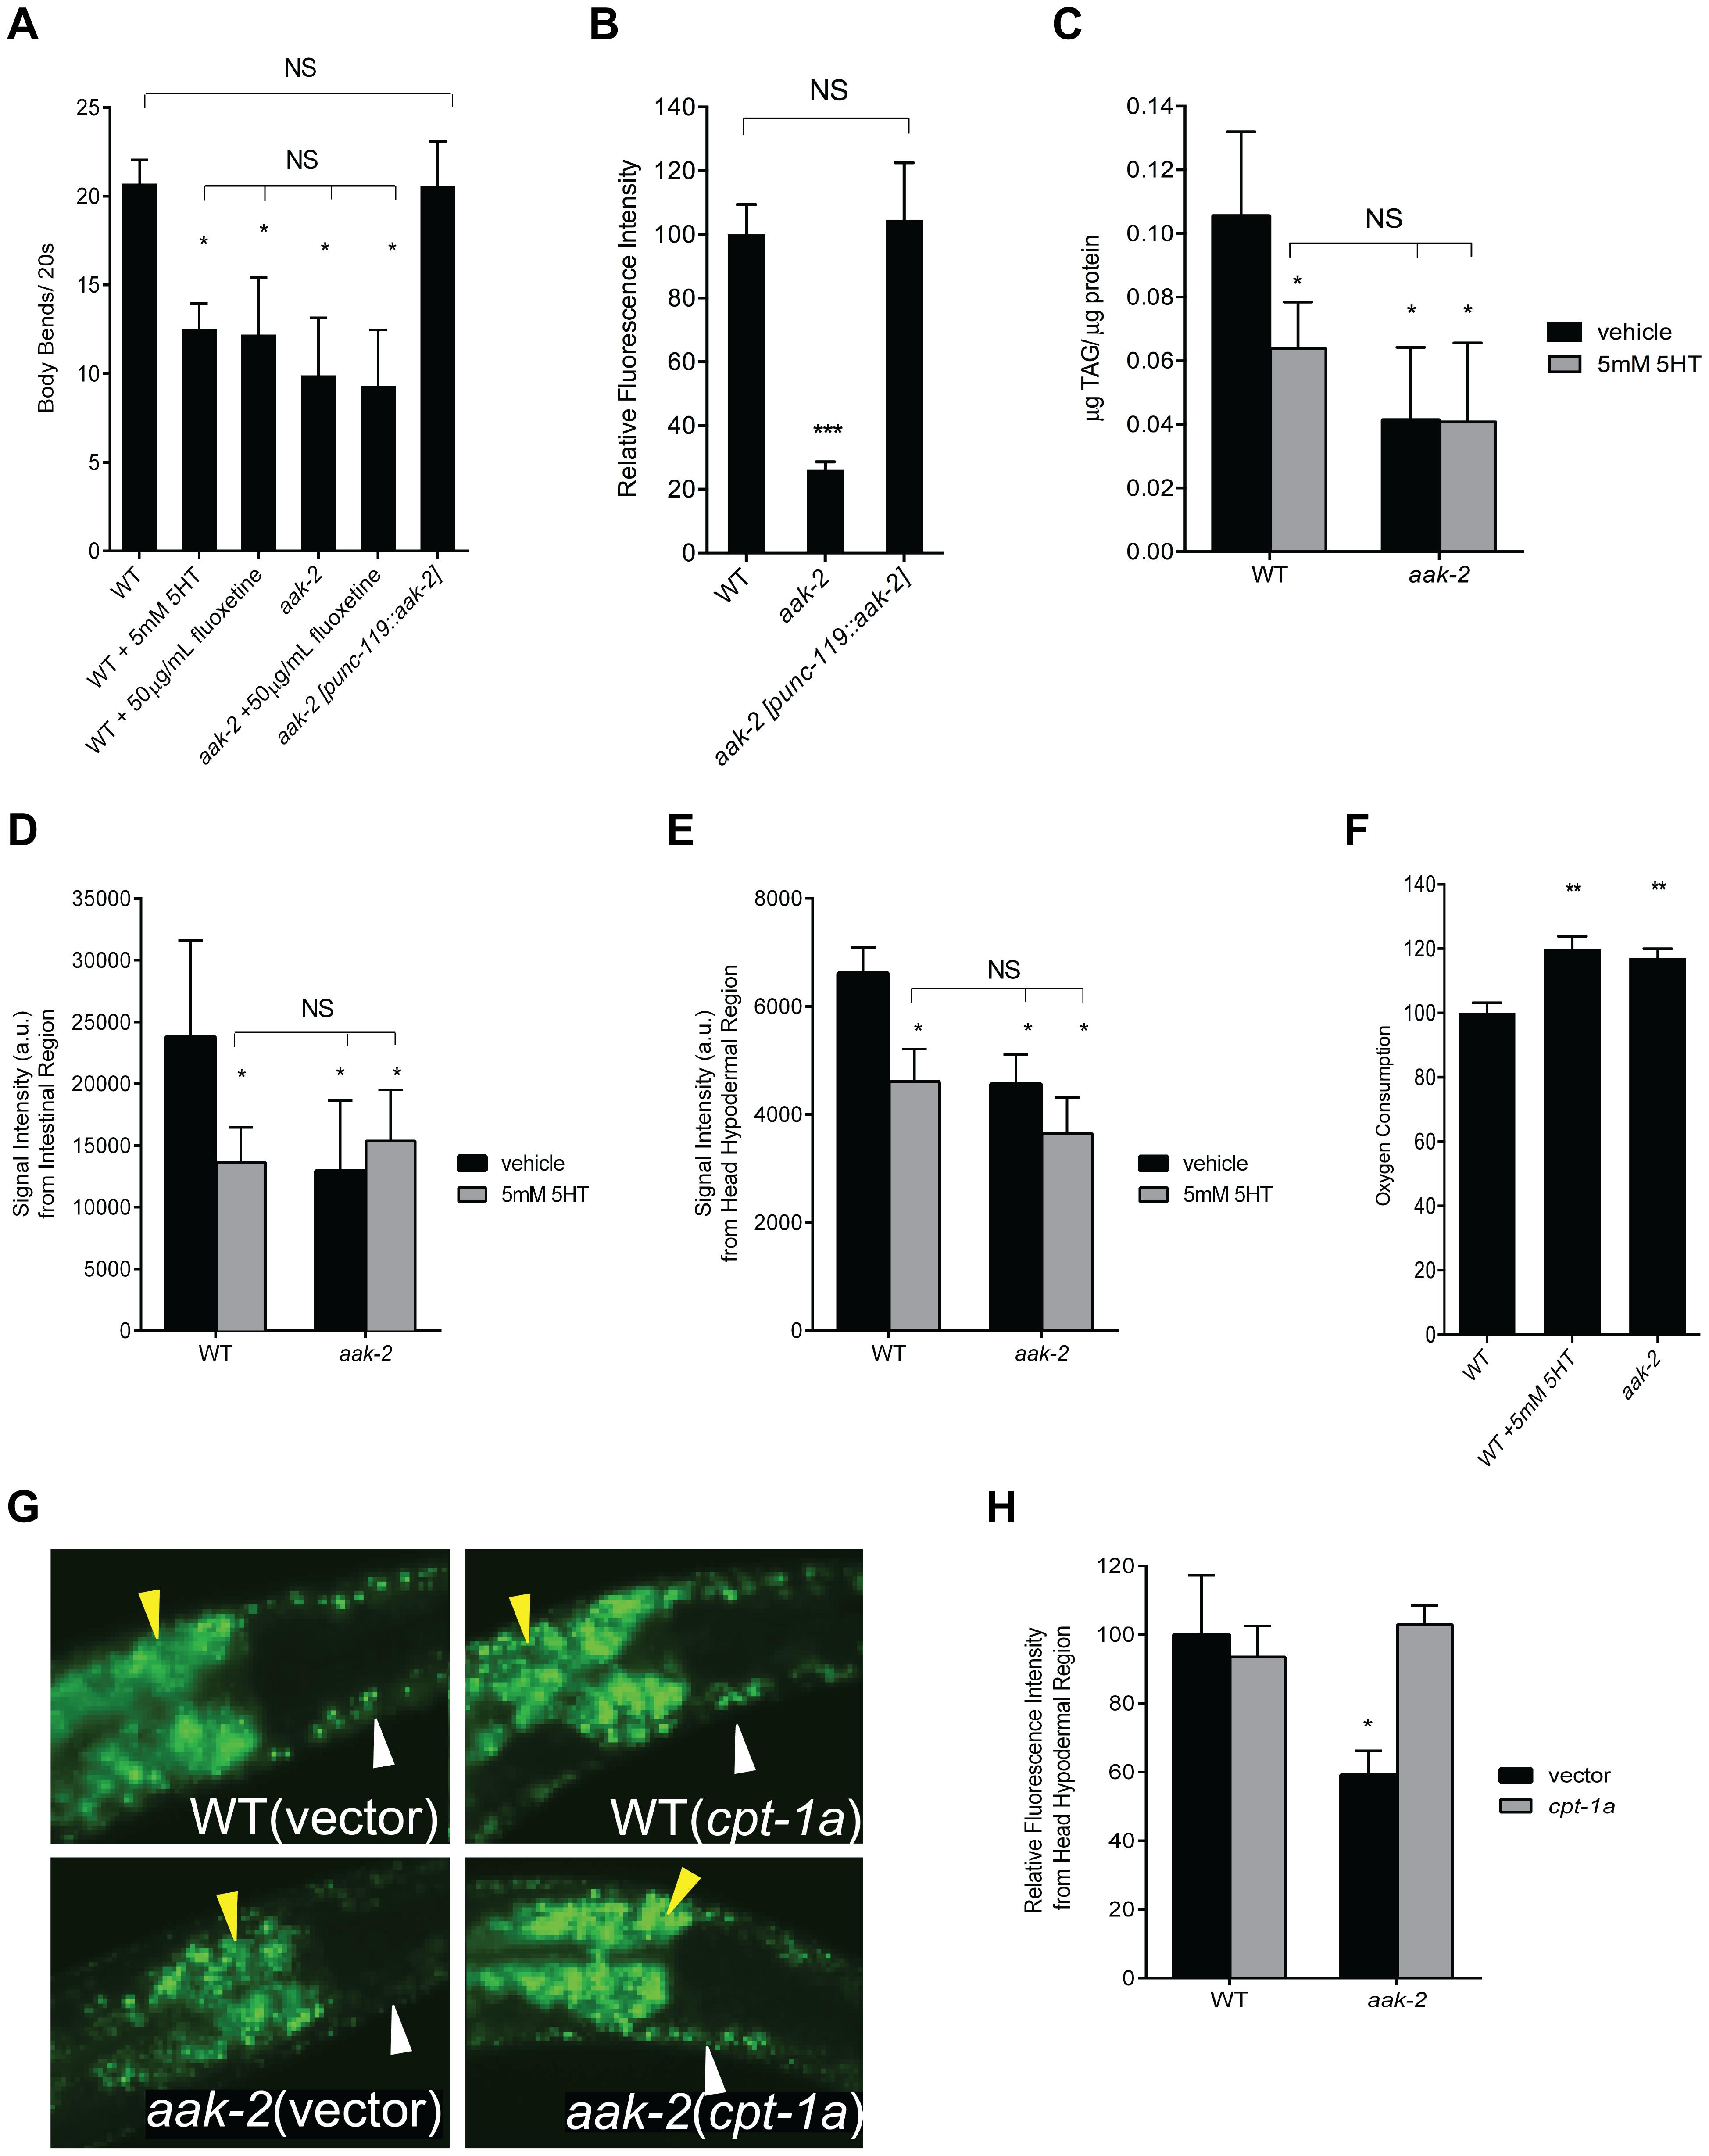 Loss of <i>aak-2</i> mimics increased serotonin signaling.